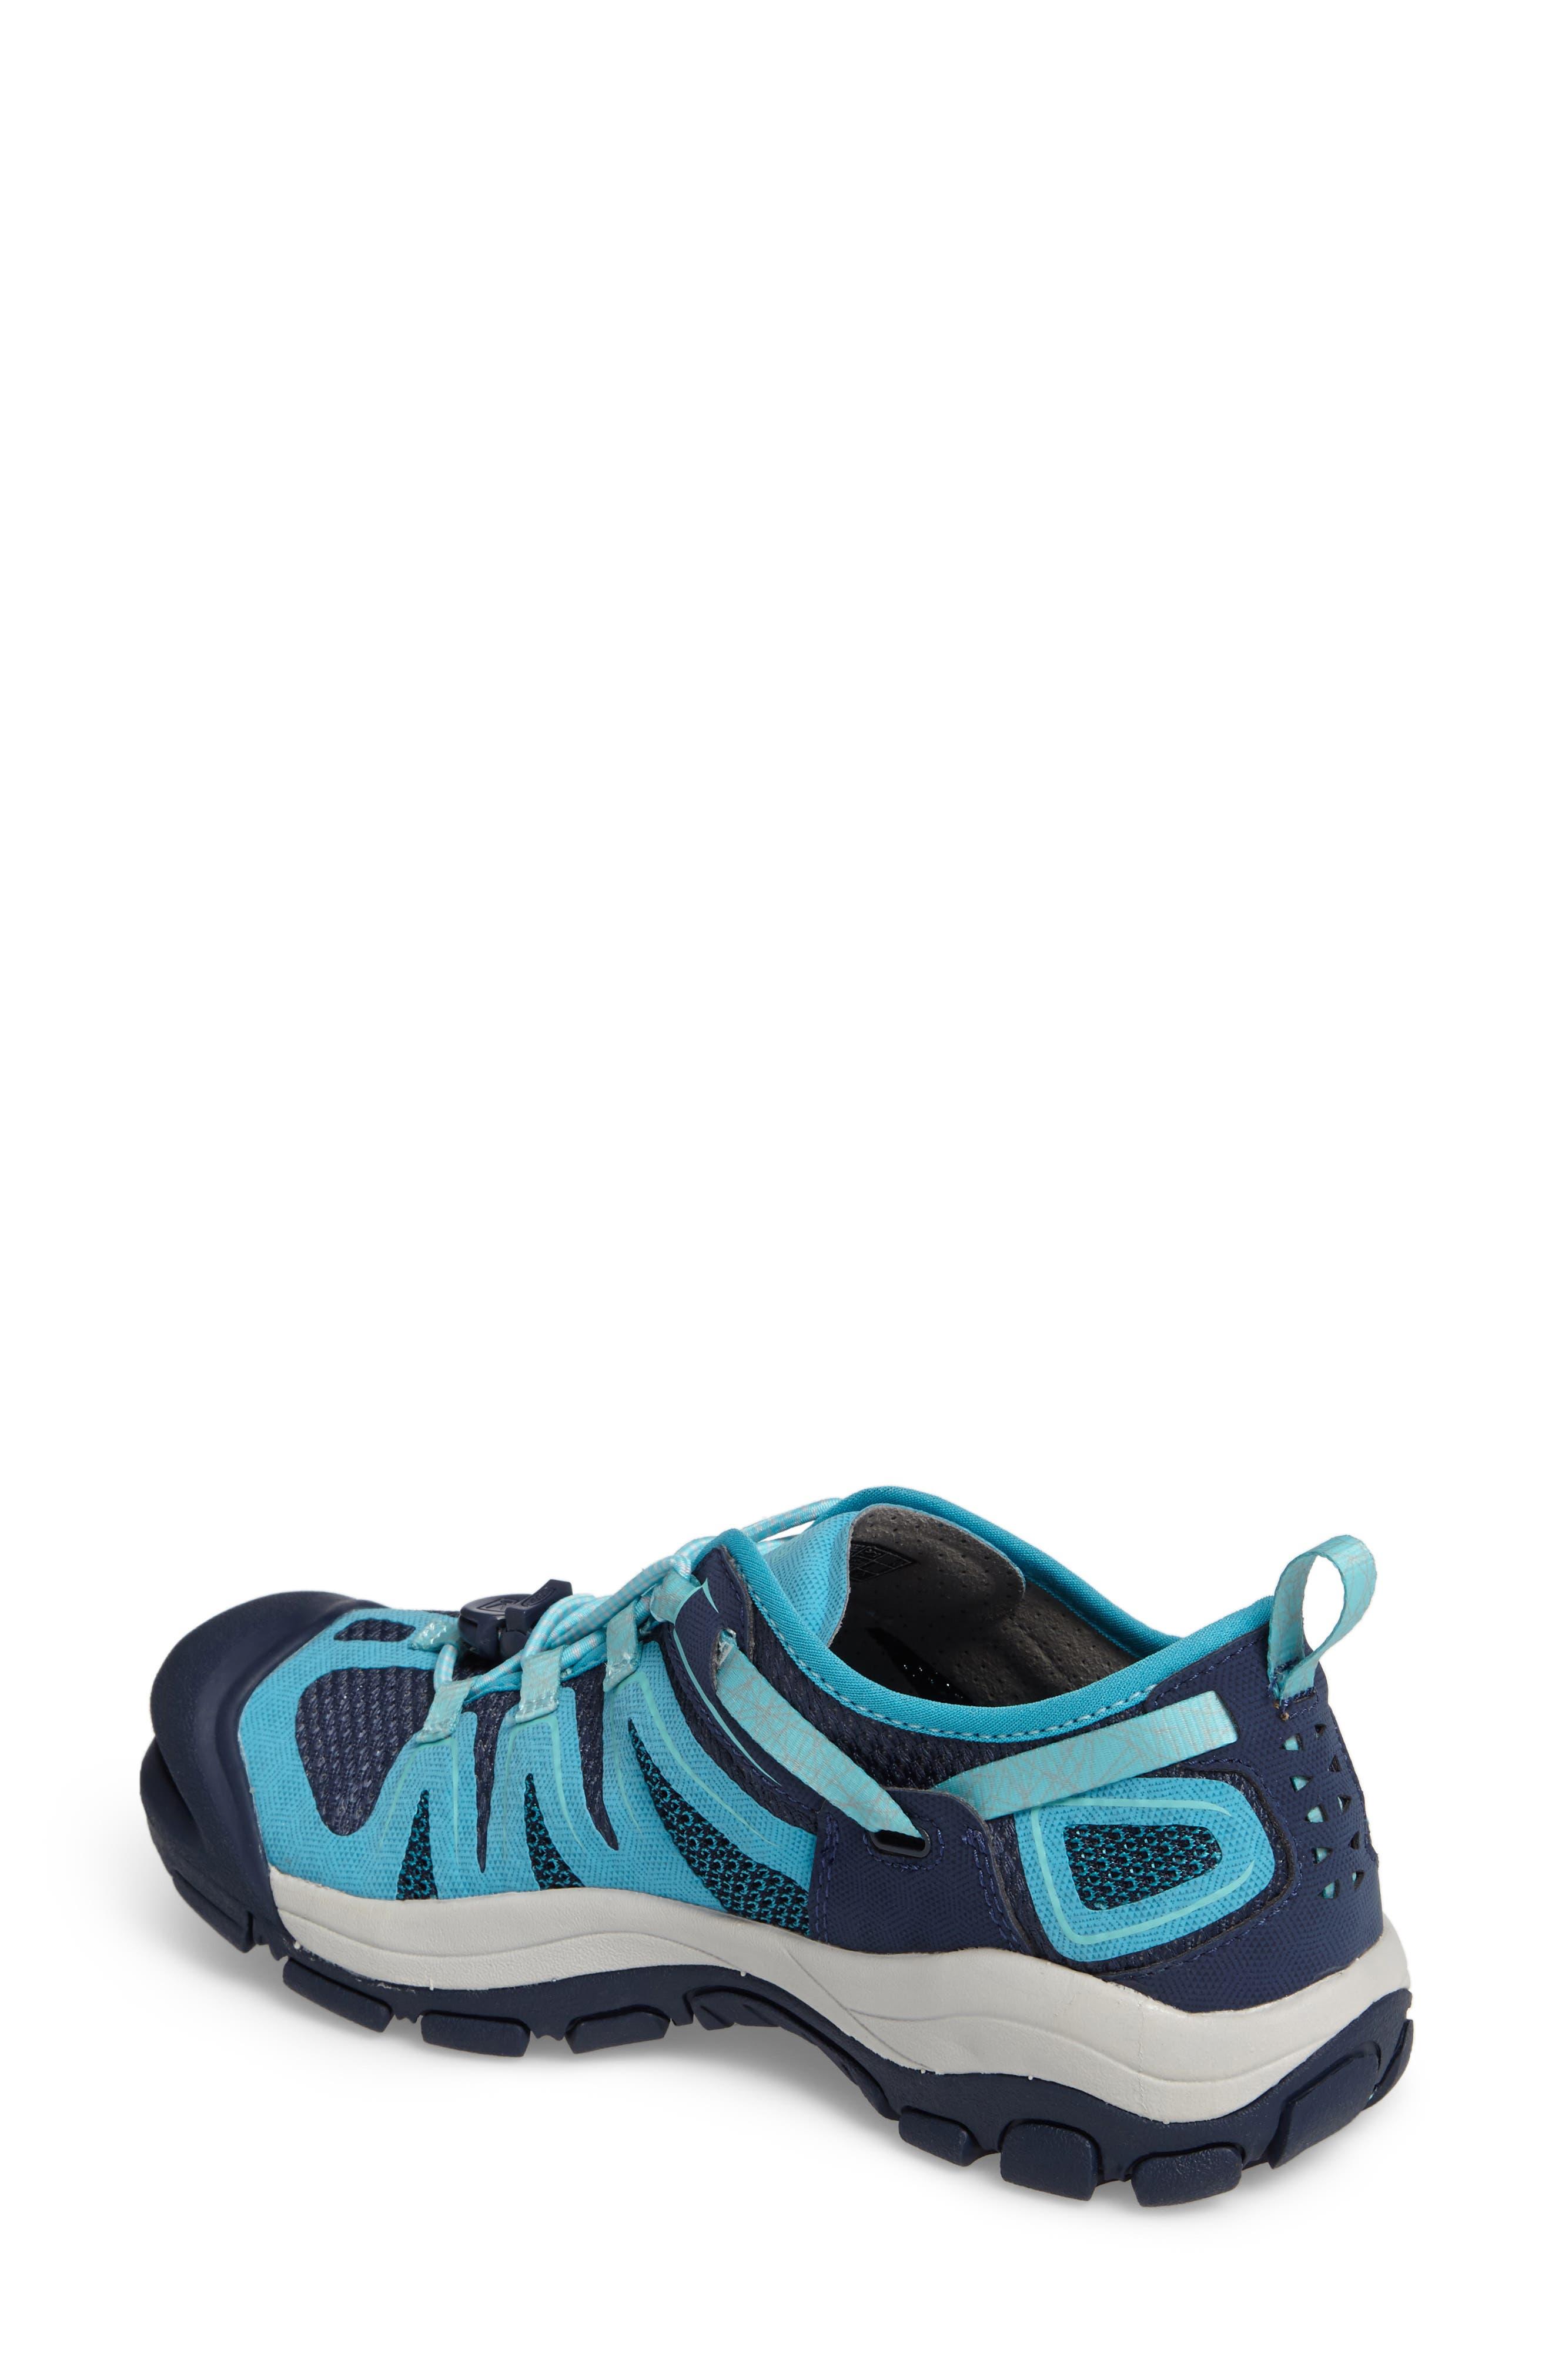 McKenzie II Waterproof Sneaker,                             Alternate thumbnail 3, color,